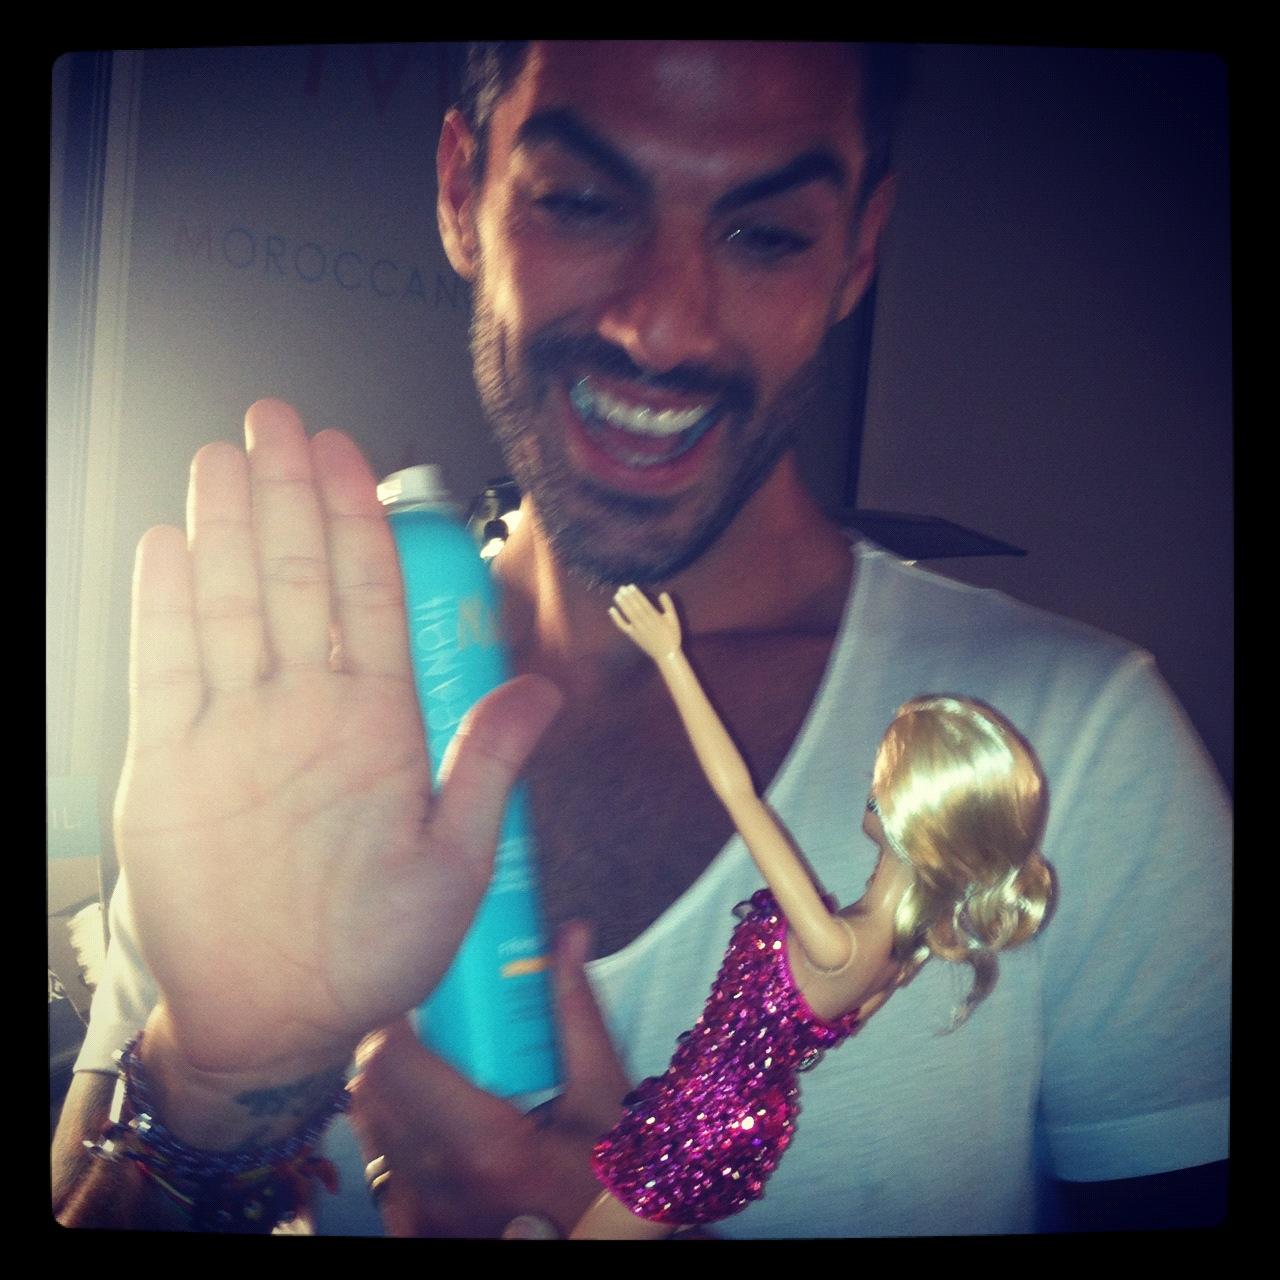 Antonio high-fiving Barbie